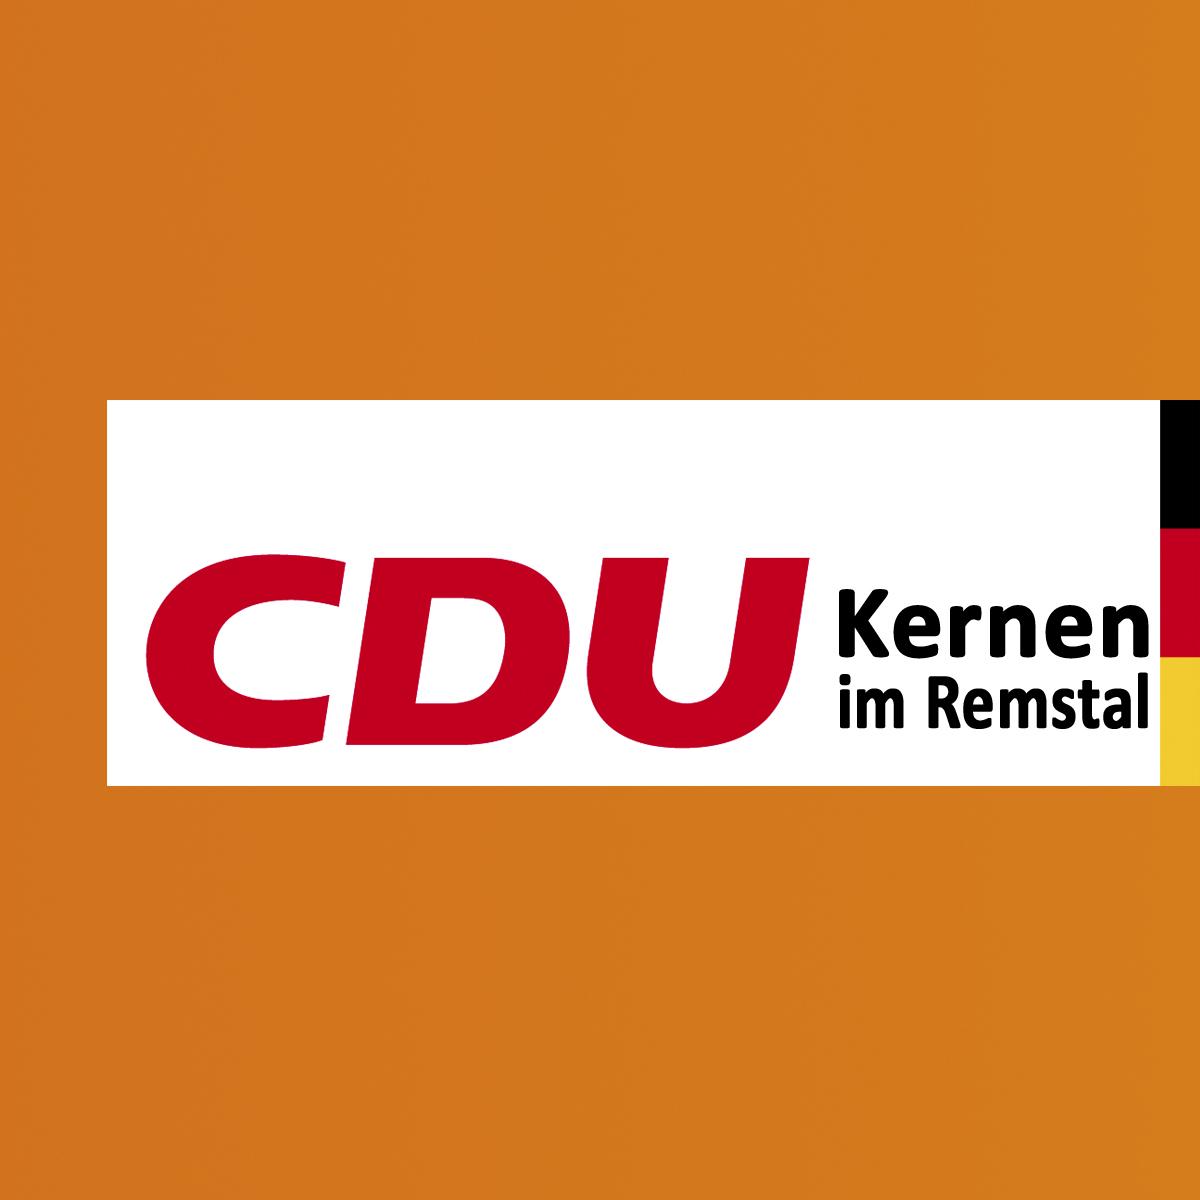 CDU Kernen Im Remstal